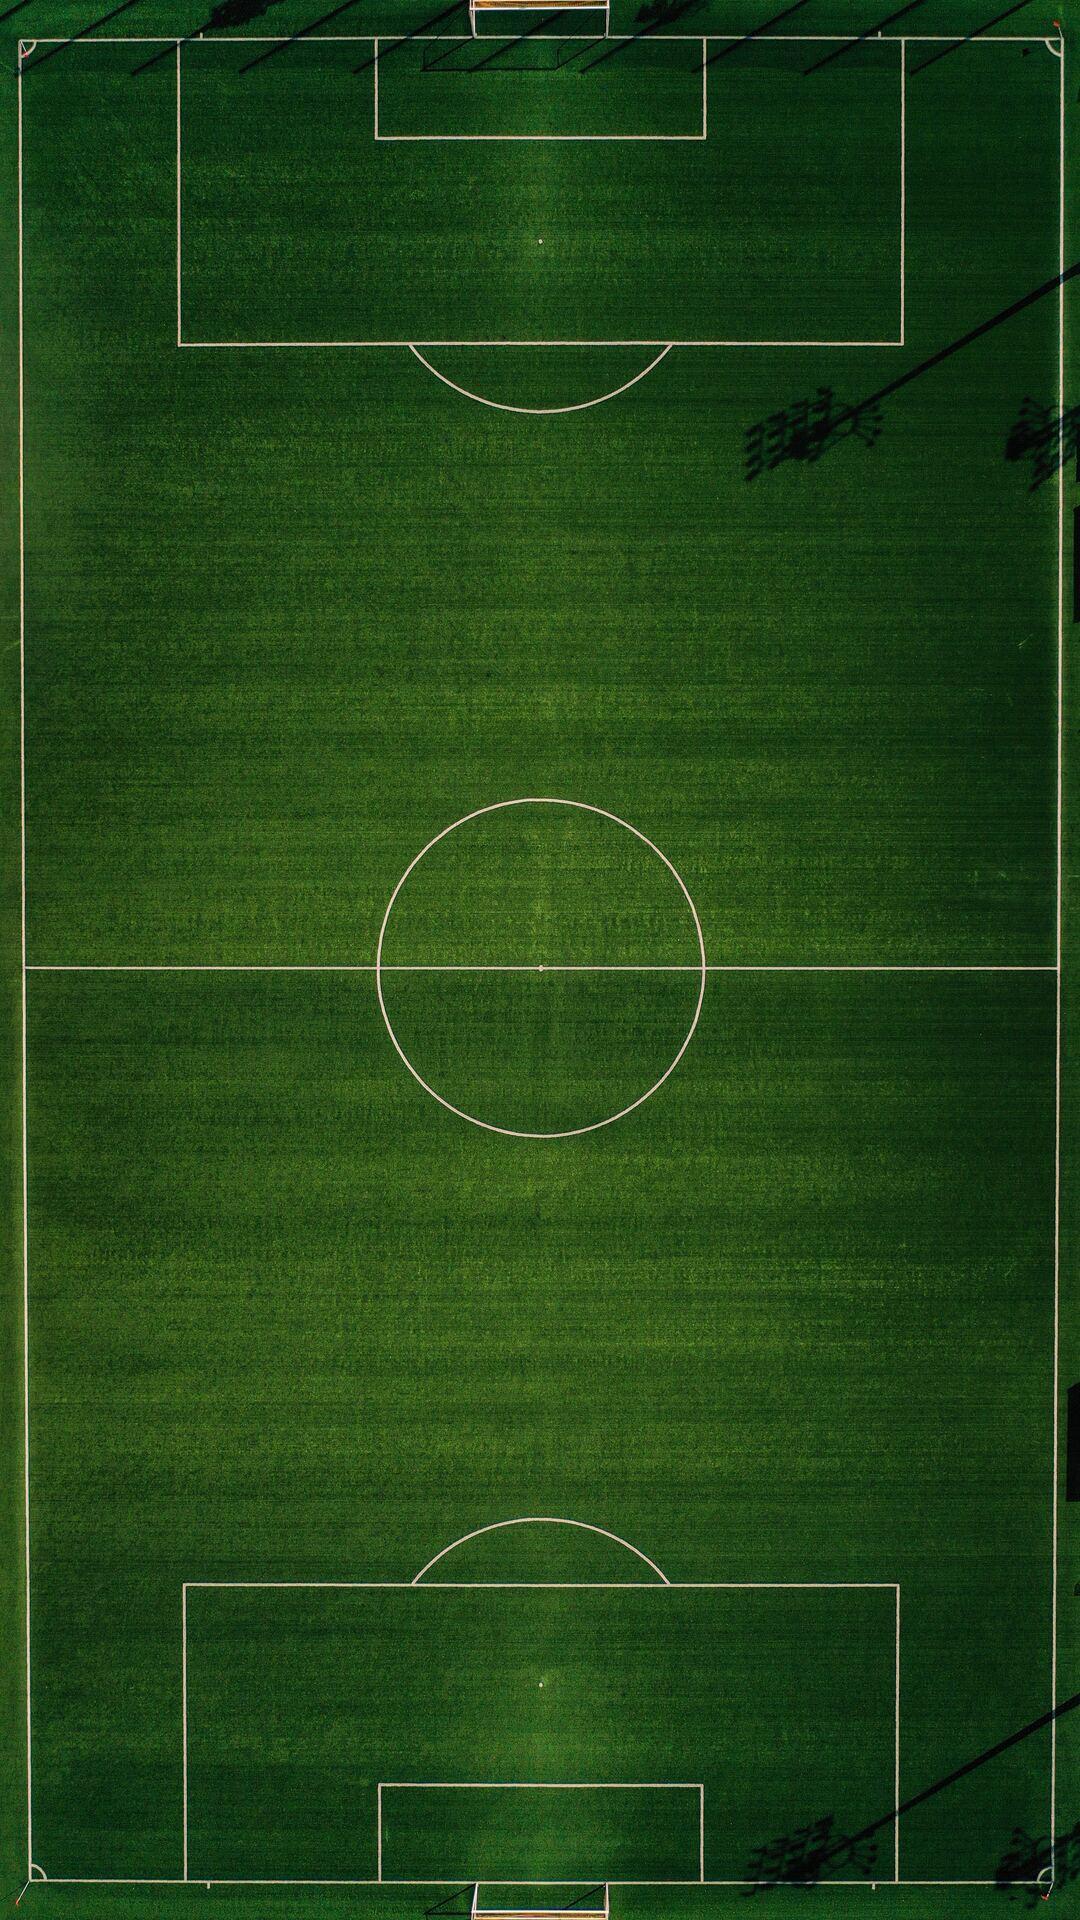 ملعب كرة خلفيات كرة قدم Hd